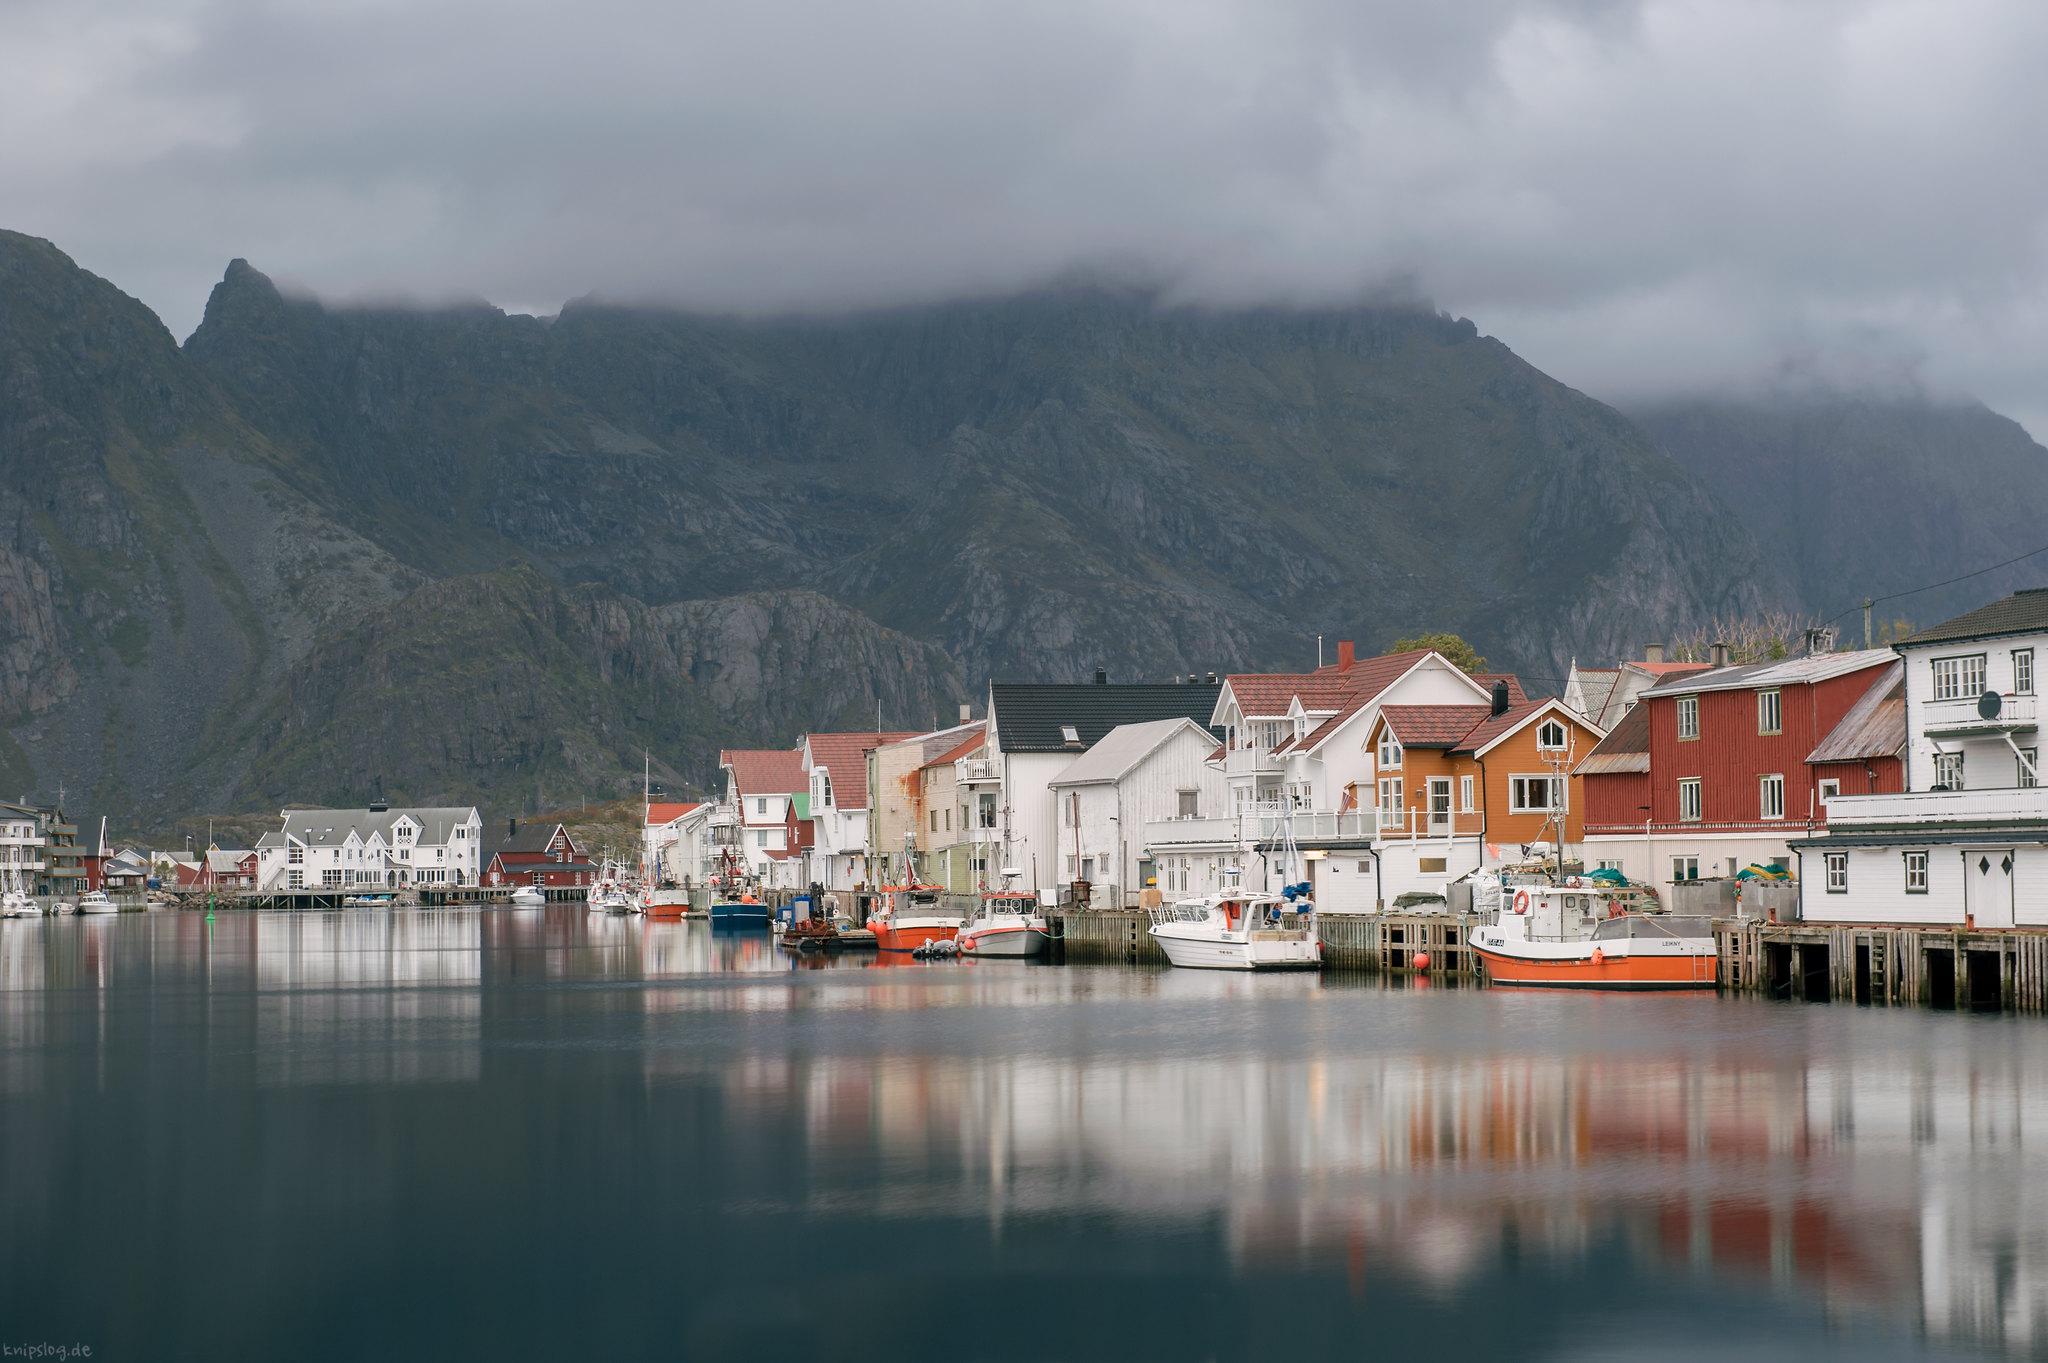 Fishers village